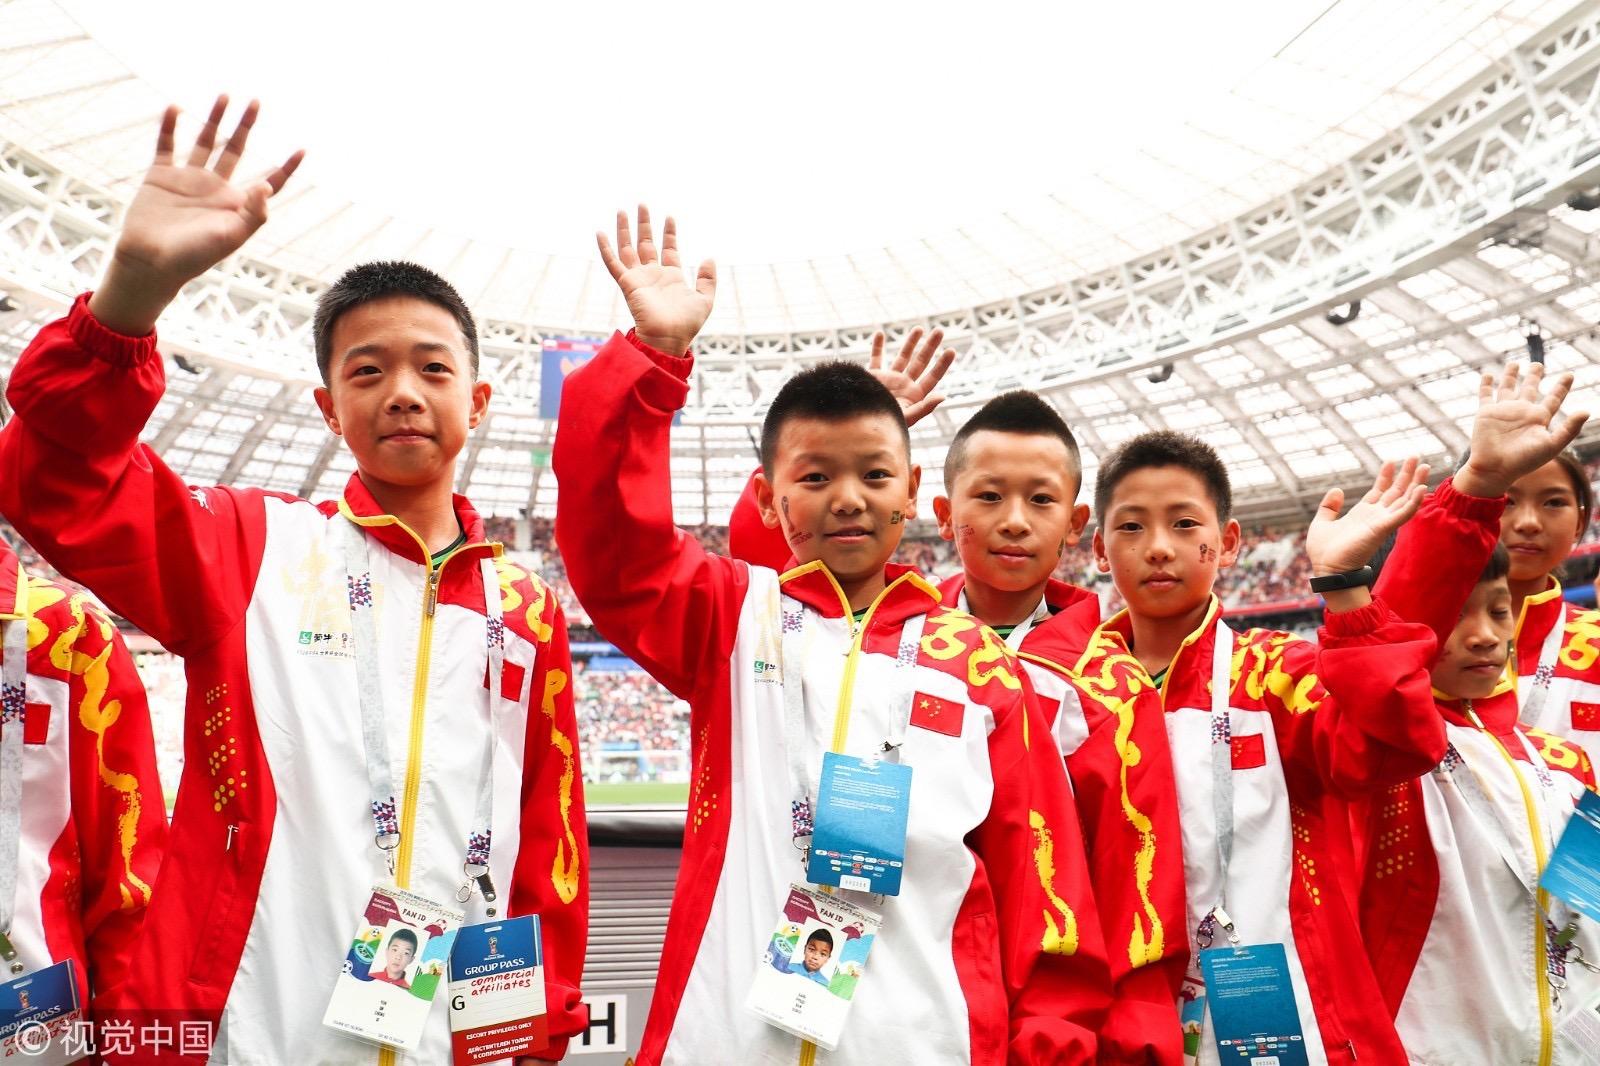 少年强则国强,11位蒙牛少年身着国旗服装亮相世界杯开幕式